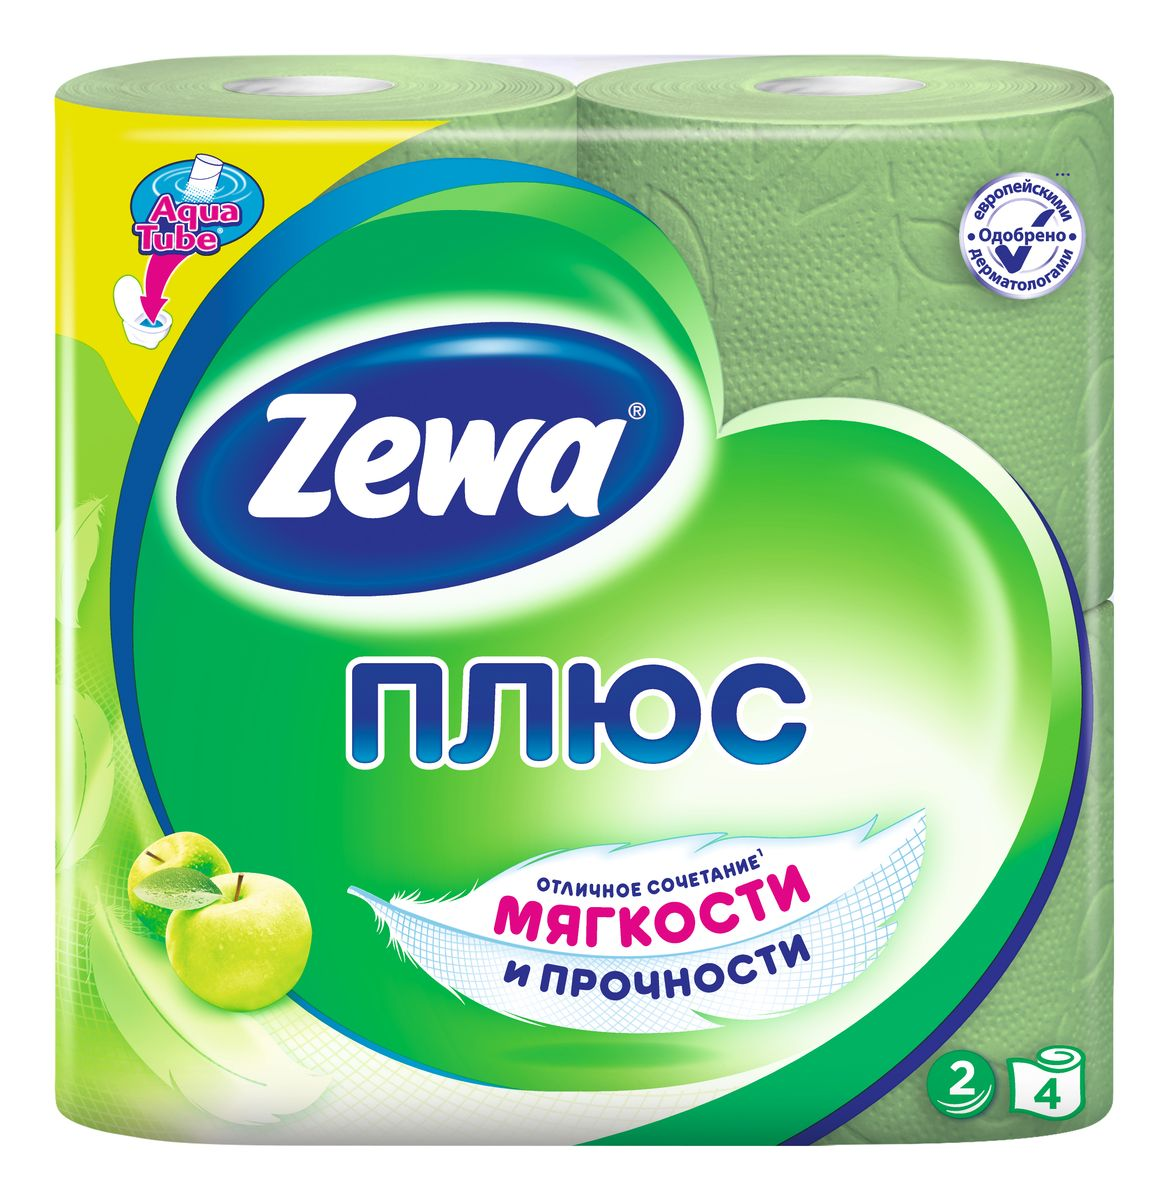 Туалетная бумага Zewa Плюс Яблоко, 2 слоя, 4 рулона391602Туалетная бумага Zewa Плюс - это отличное сочетание мягкости и прочности. Она одобренадерматологами и прекрасно подойдет всем членам вашей семьи – и тем, кому нужна мягкая бумага, и тем, кому важна прочность.Позаботьтесьо себе и своих близких вместе с Zewa.Сенсация! Со смываемой втулкой Aqua Tube!Зеленая 2-х слойная туалетная бумага с ароматом яблока4 рулона в упаковкеСостав: вторичное сырьеПроизводство: Россия